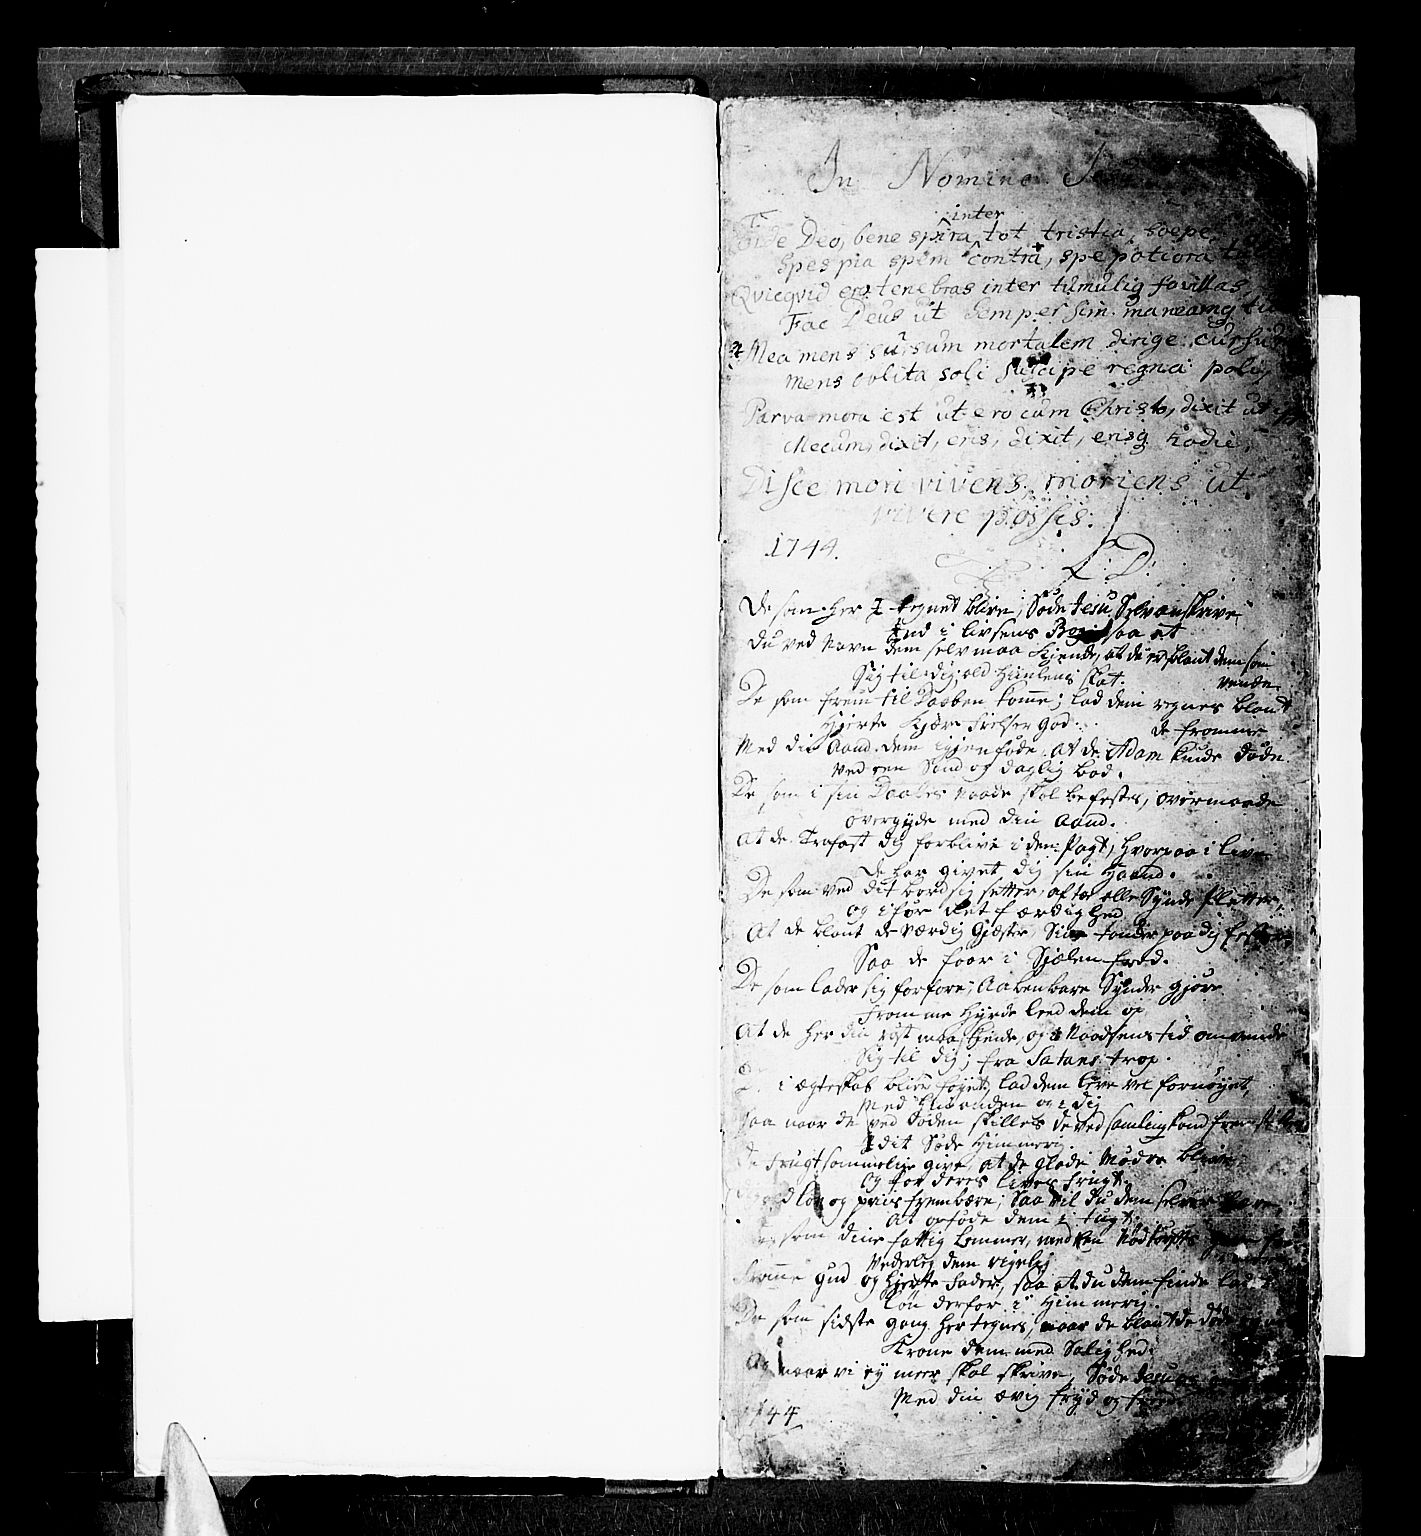 SATØ, Trondenes sokneprestkontor, H/Ha/L0001kirke: Ministerialbok nr. 1, 1744-1777, s. 1